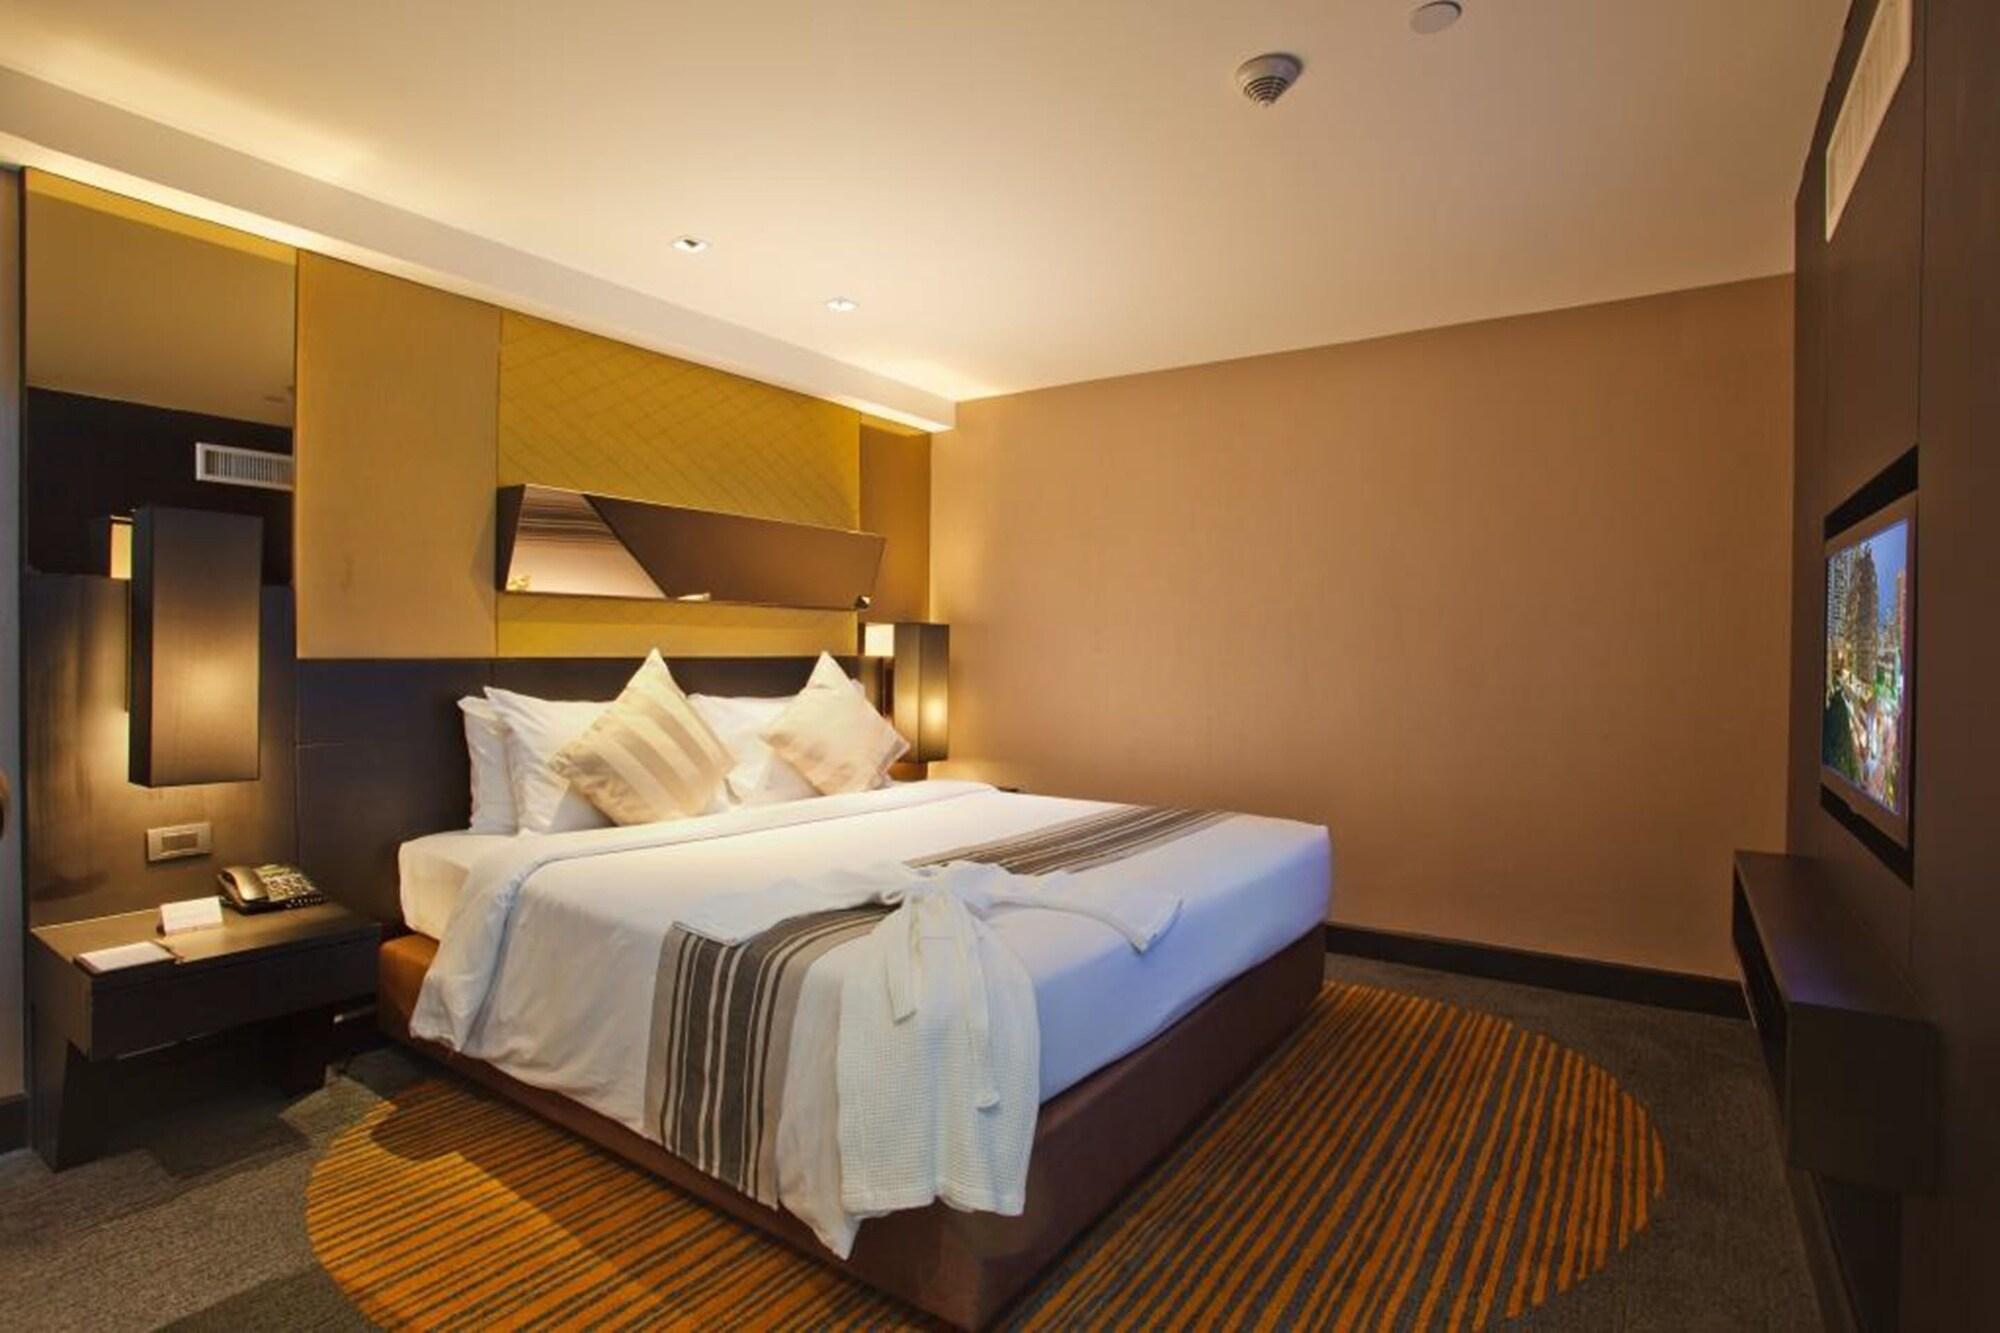 هتل گلدن تولیپ ماندیسن سوئیتس بانکوک